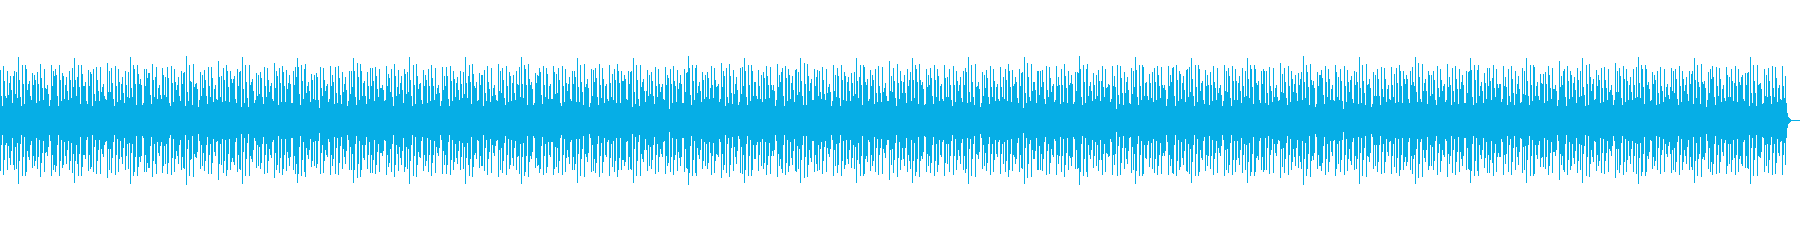 アマゾン・熱帯雨林  環境音楽の再生済みの波形